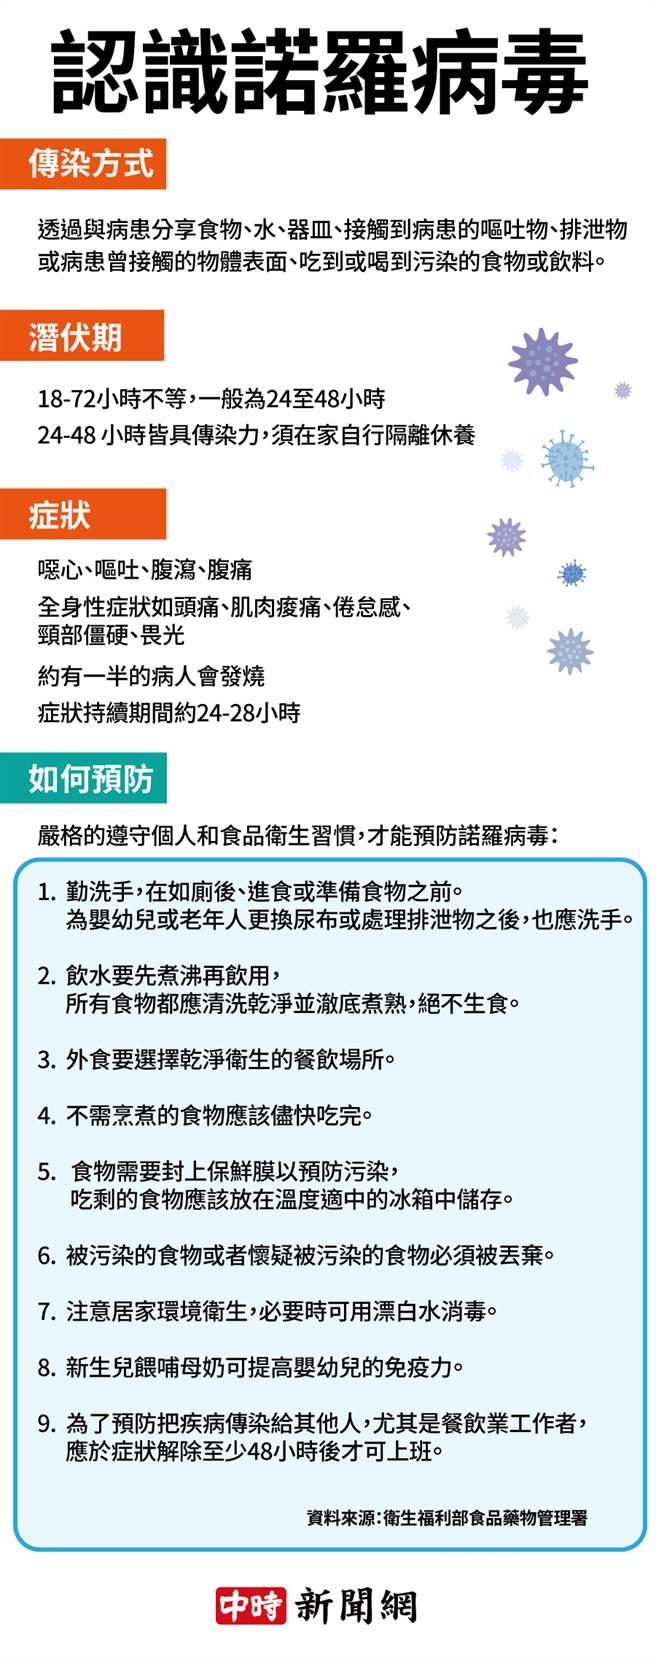 認識諾羅病毒 (Norovirus)